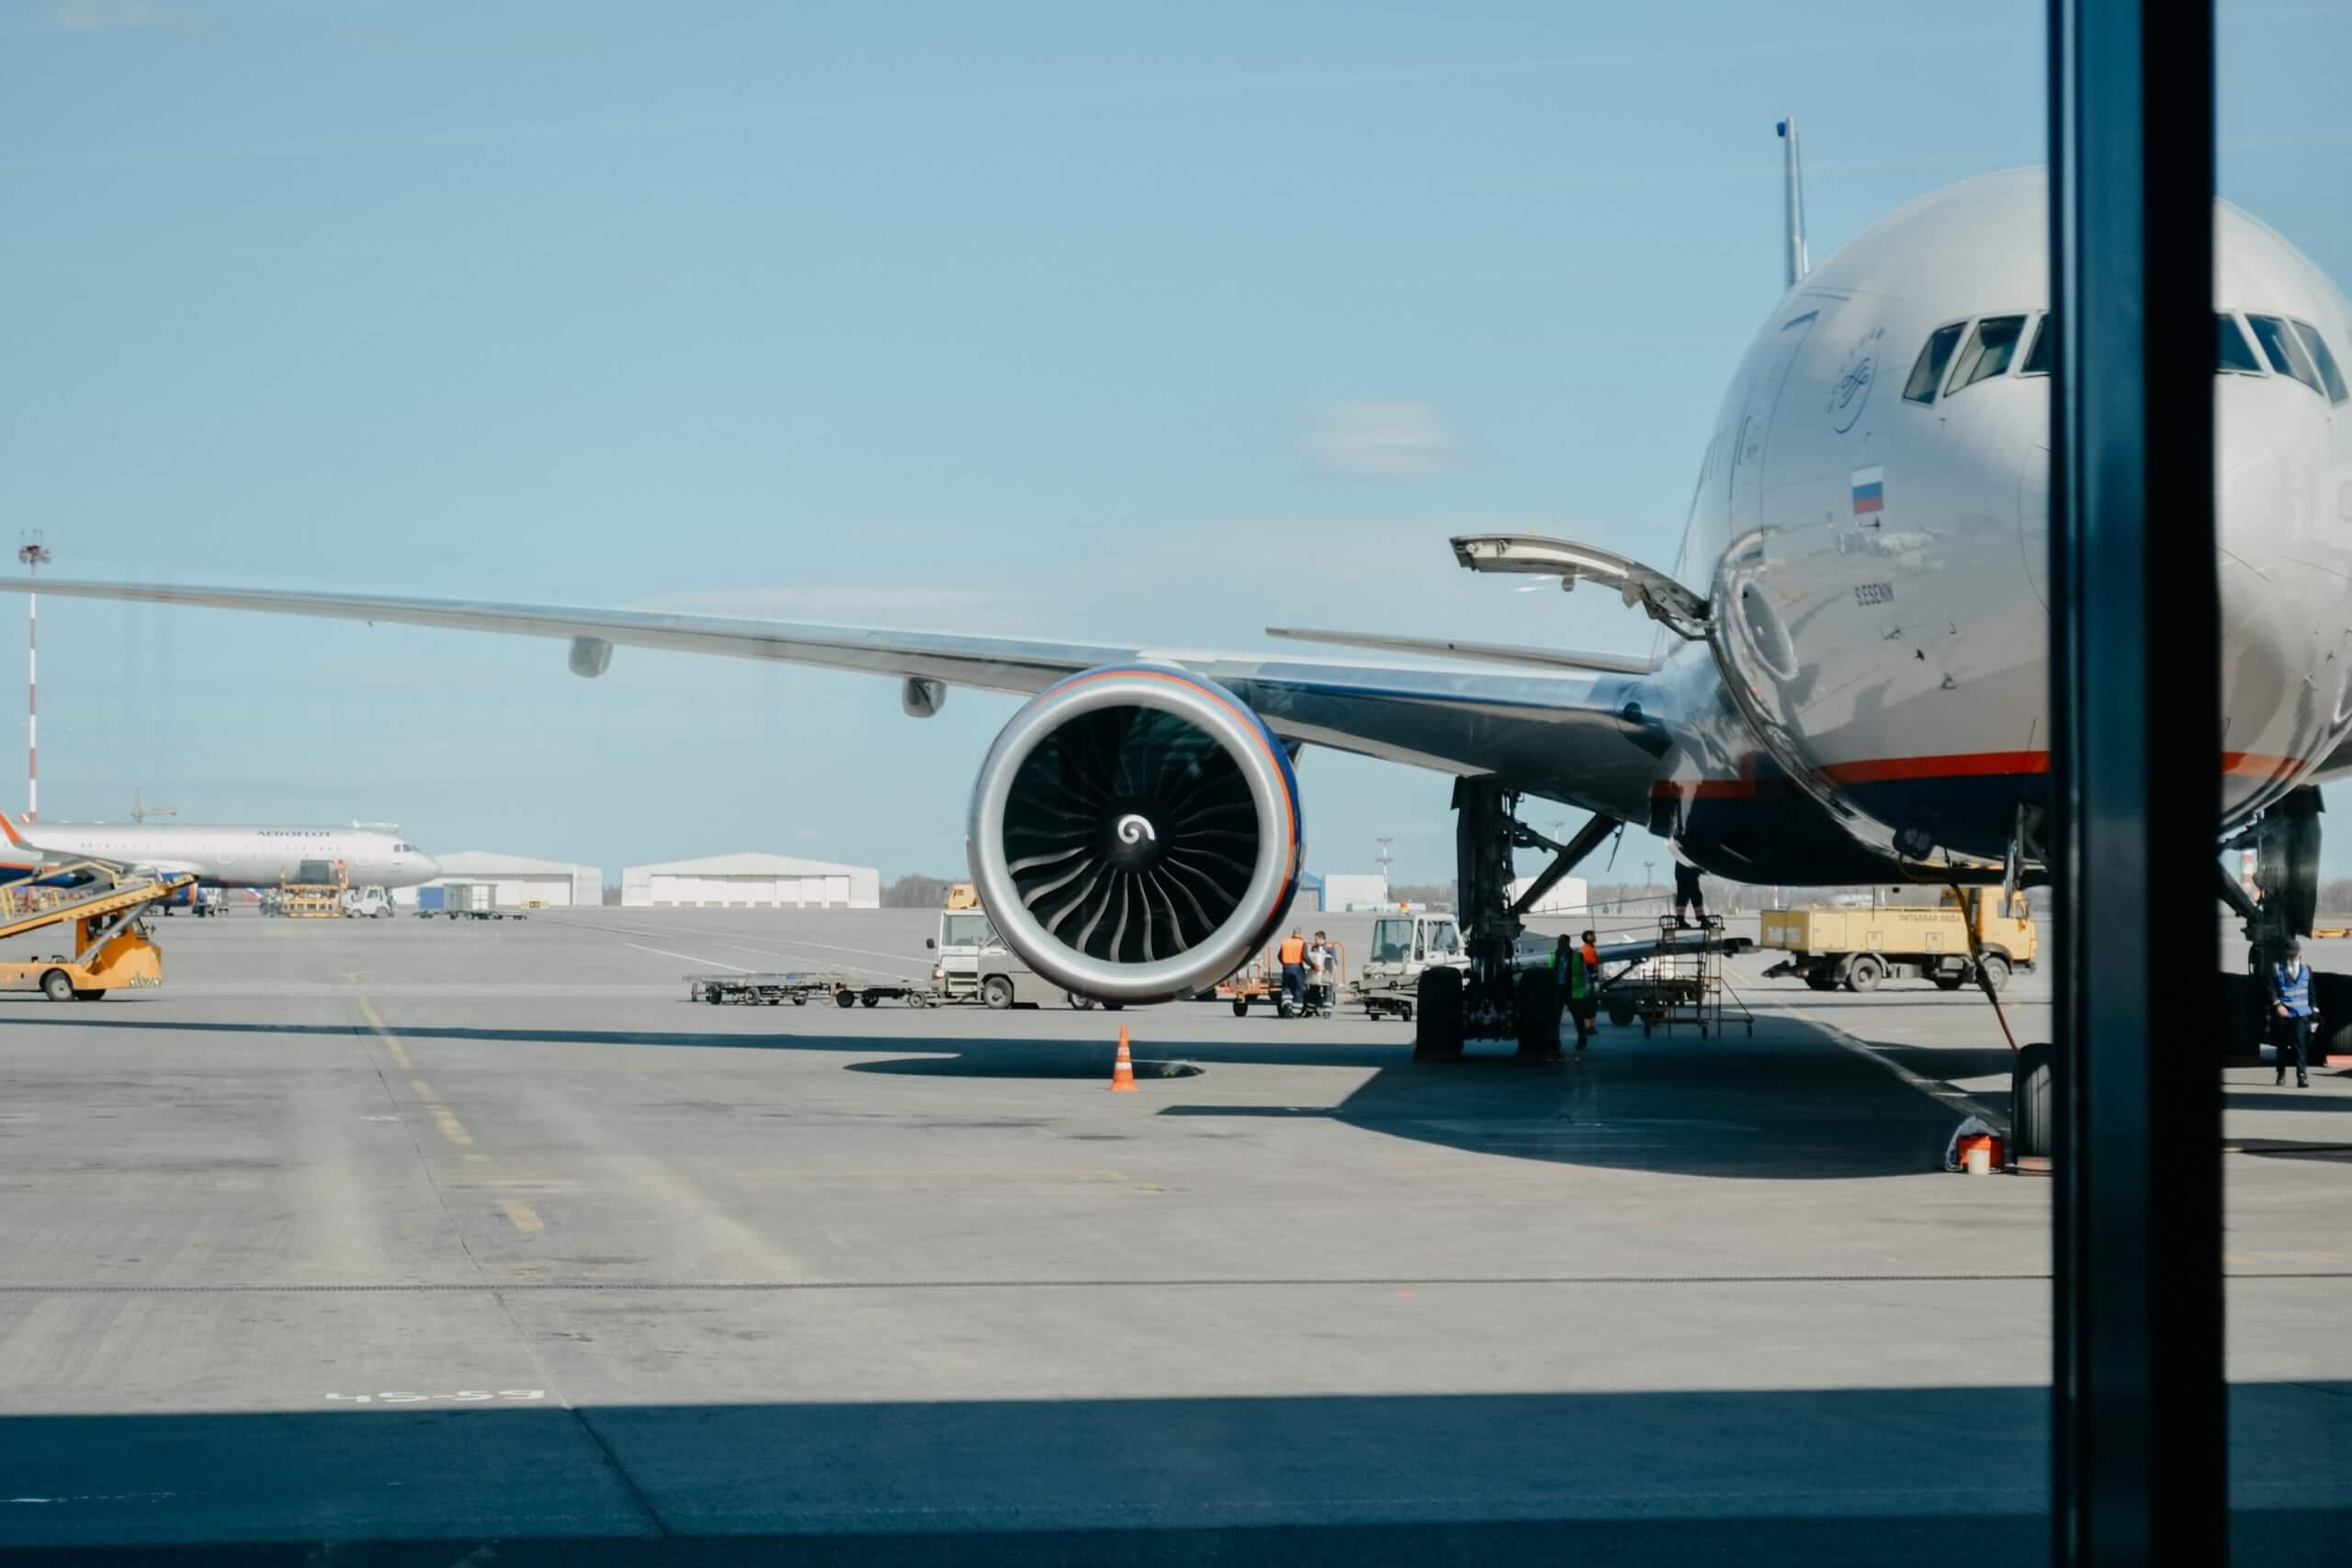 Saiba as principais causas geradoras de Dano Moral nos serviços da Aviação.